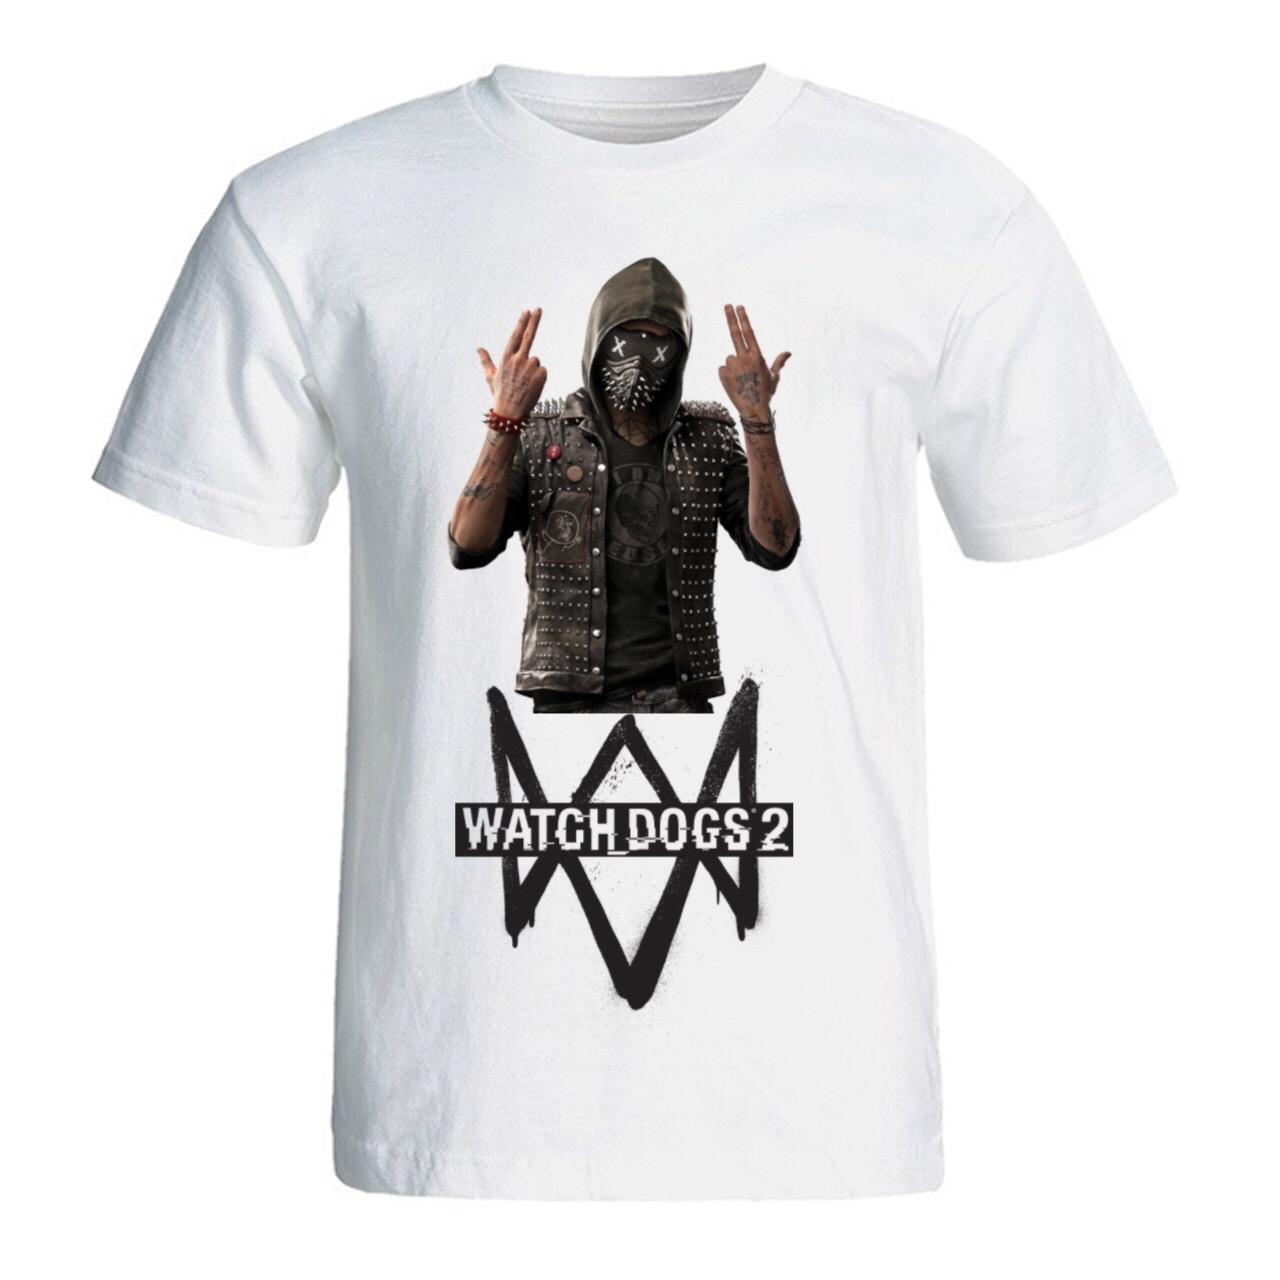 تی شرت مردانه طرح Watch Dogs 2 کد SA232